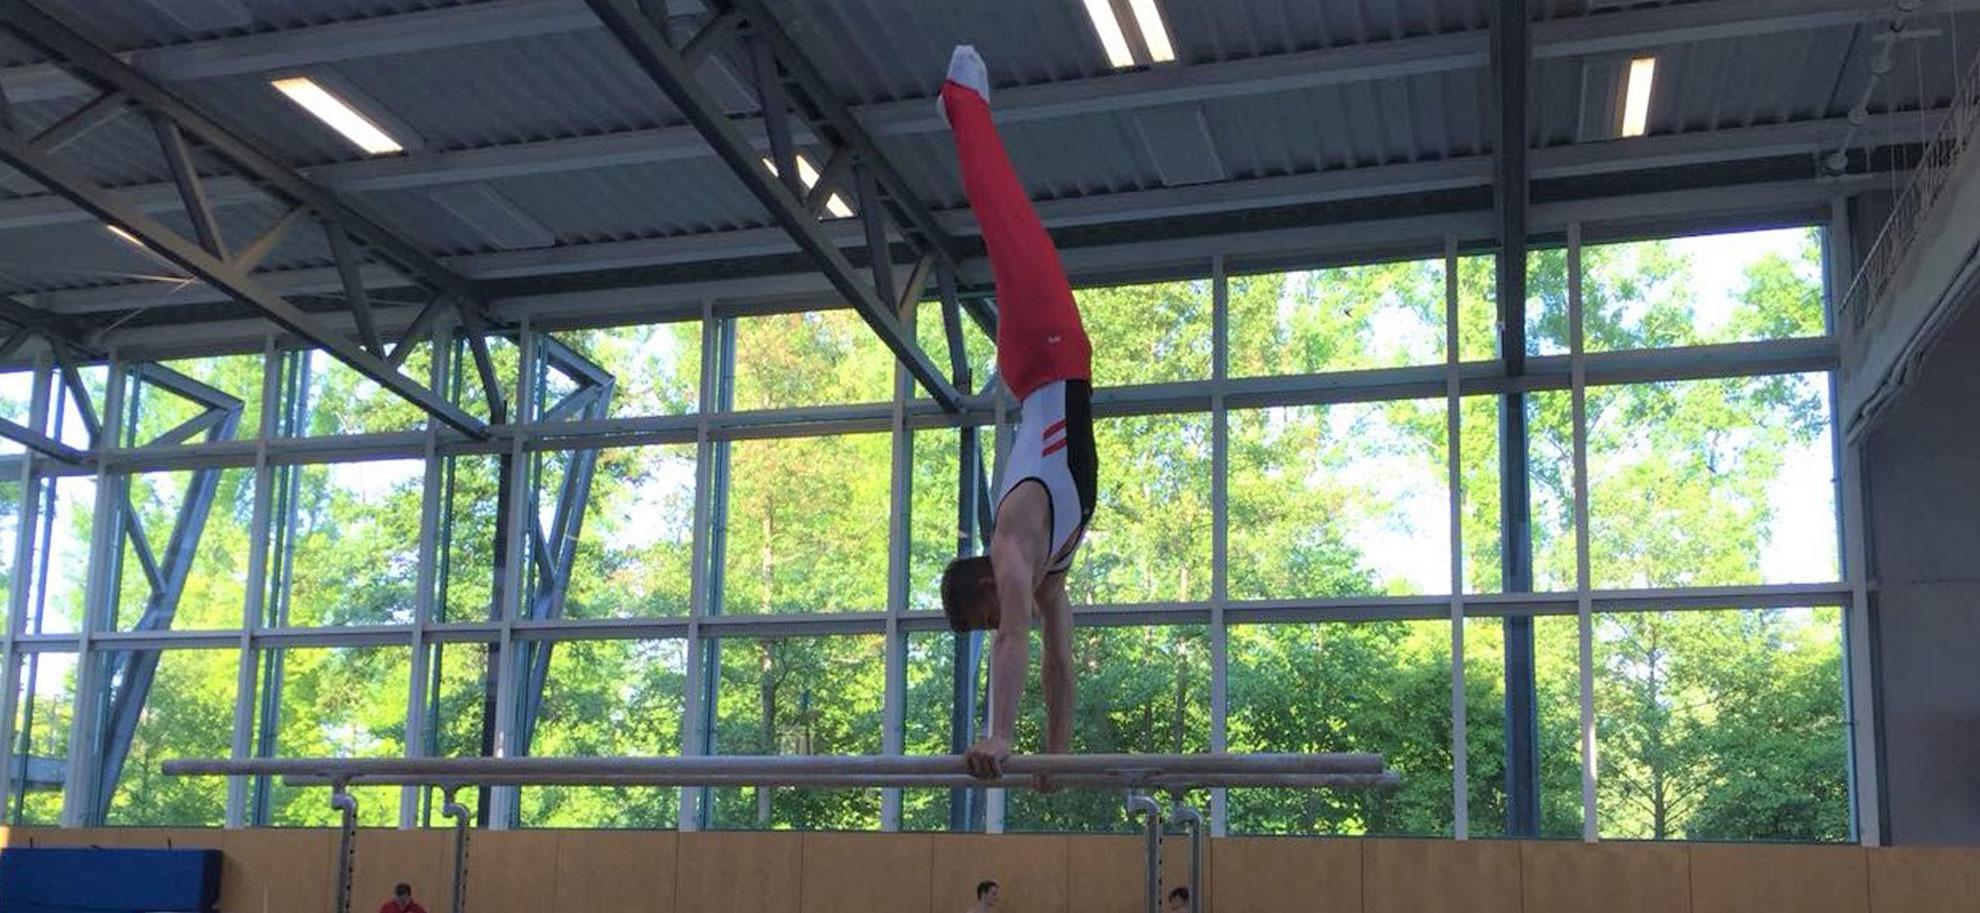 Allgemeines-, Wettkampf- und Leistungsturnen